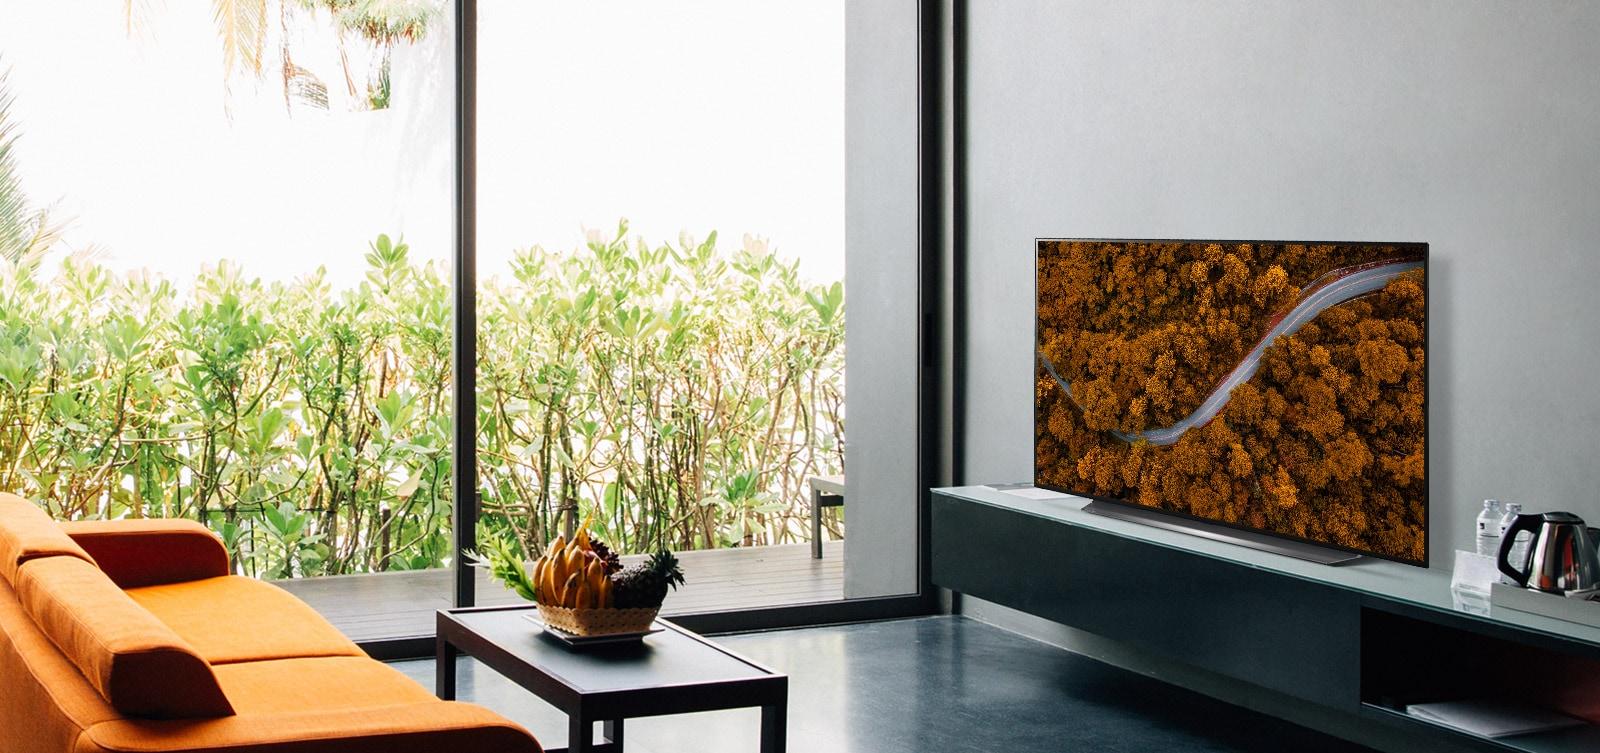 Soggiorno con una poltrona grigia e un televisore che mostra un paesaggio naturale da una veduta aerea